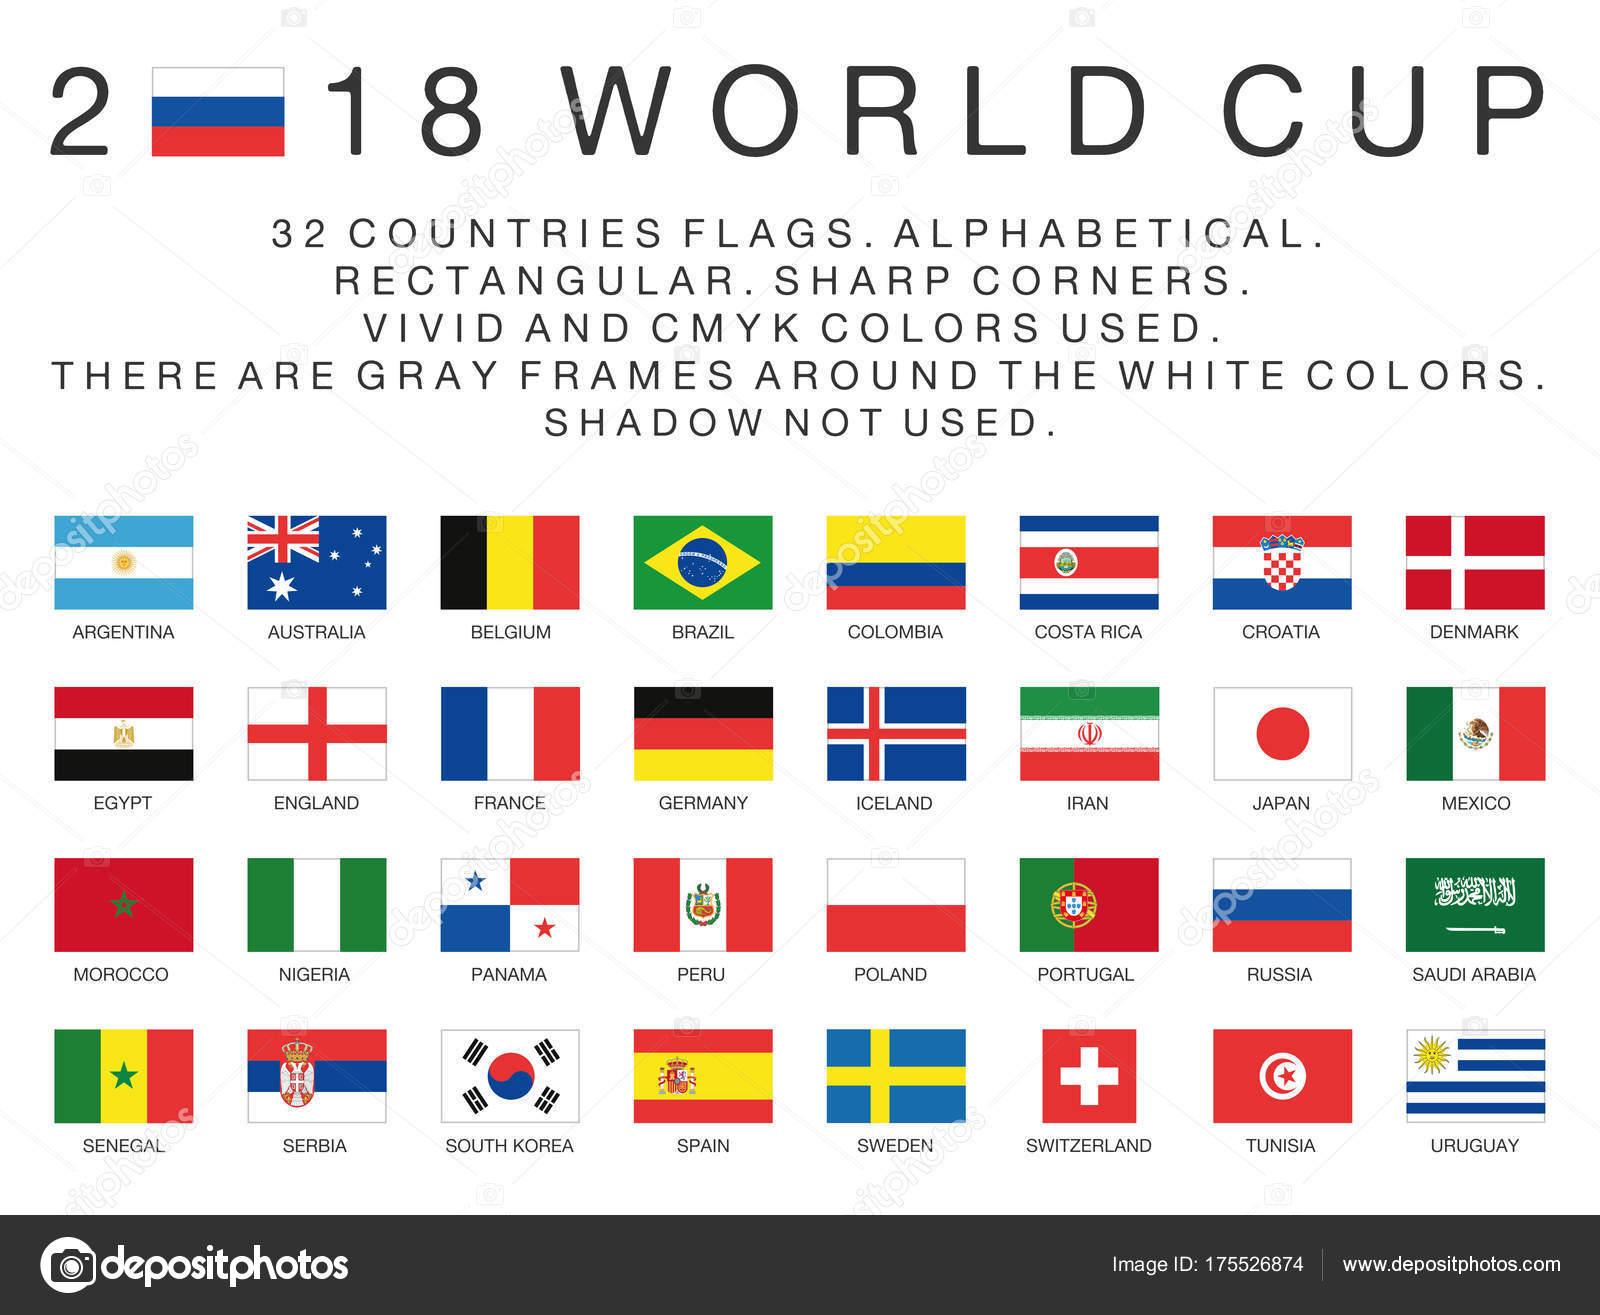 les drapeaux rectangulaires de 2018 pays de la coupe du